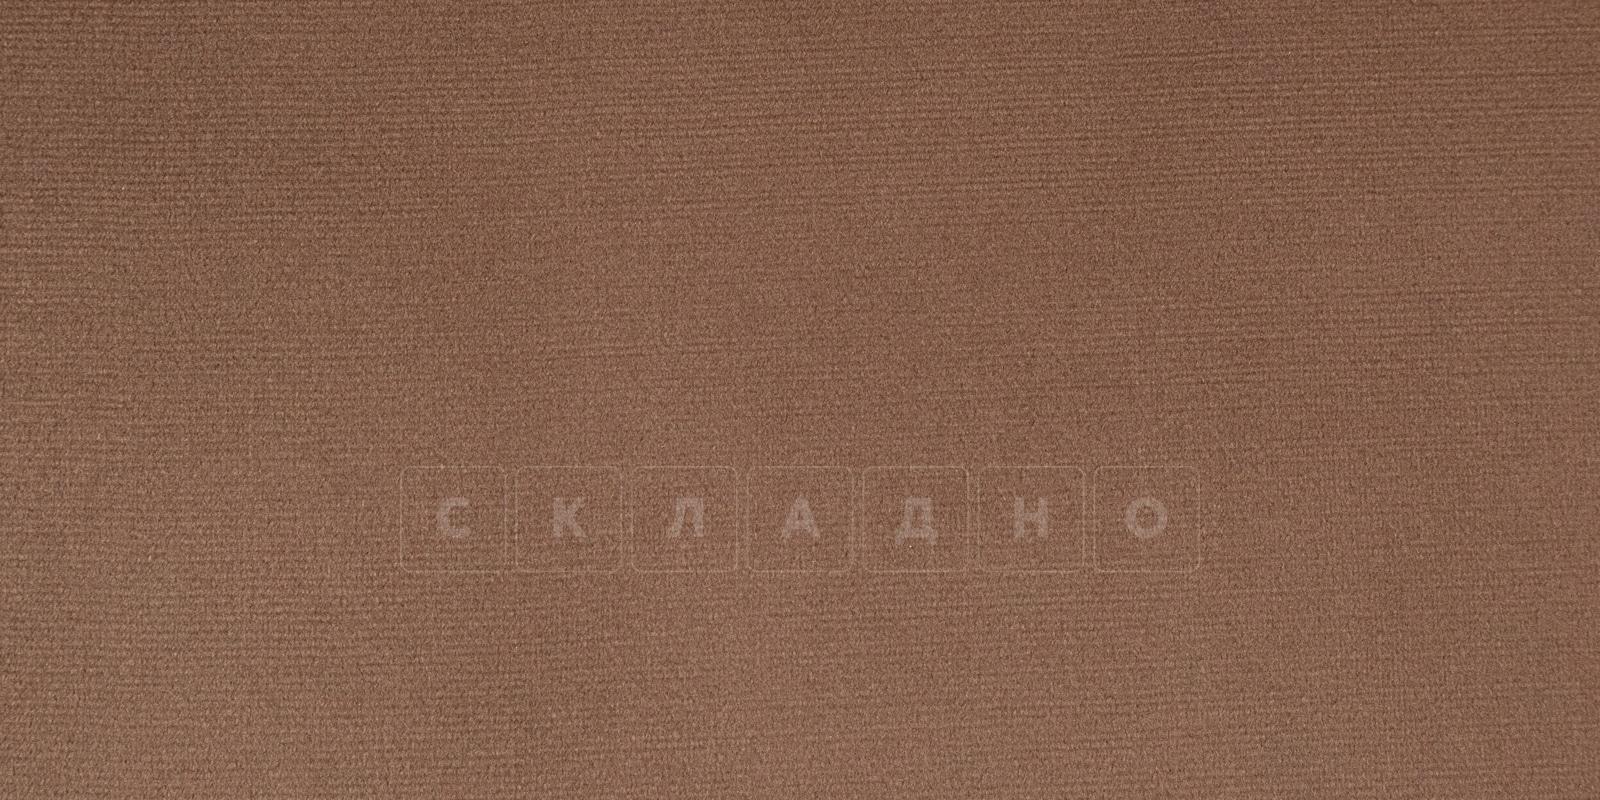 Диван угловой Бристоль велюр коричневый правый угол фото 7 | интернет-магазин Складно